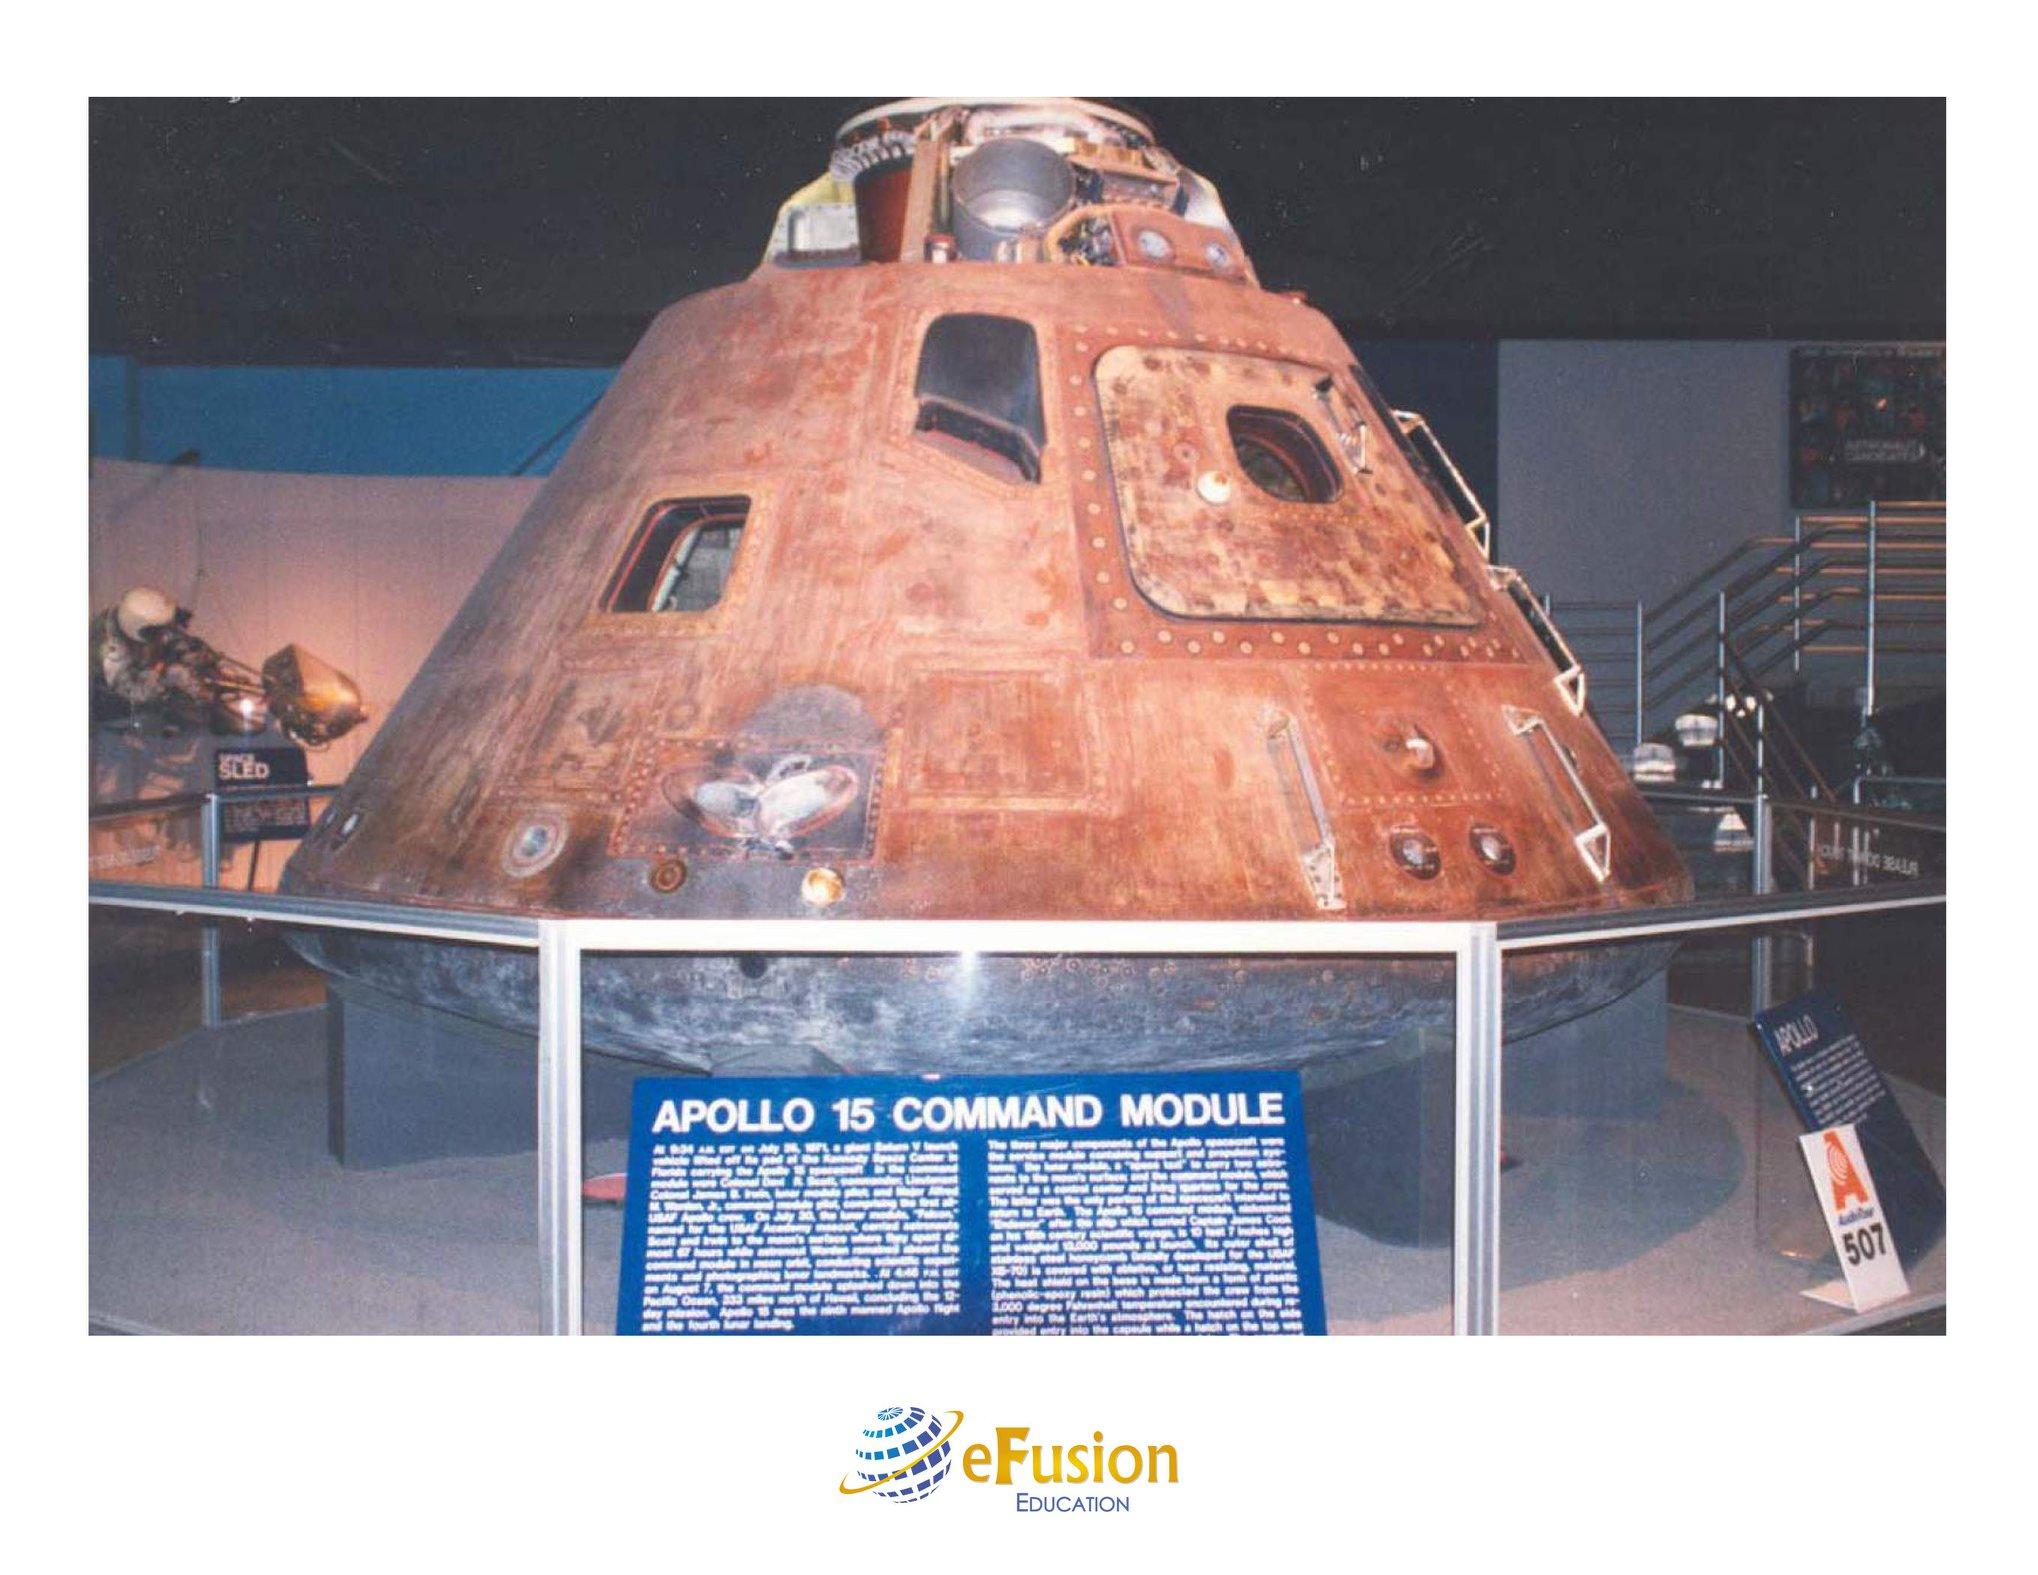 Em 30 de julho de 1971, a missão Apollo 15 pousou na Lua, onde bateu o recorde de permanecer na superfície lunar por 145 horas. Essa expedição marcou o quarto pouso do homem na Lua do programa Apollo. Os astronautas trouxeram a Pedra do Gênesis, uma rocha lunar formada nos estágios iniciais do nascimento do sistema Solar, aproximadamente quatro bilhões de anos atrás.